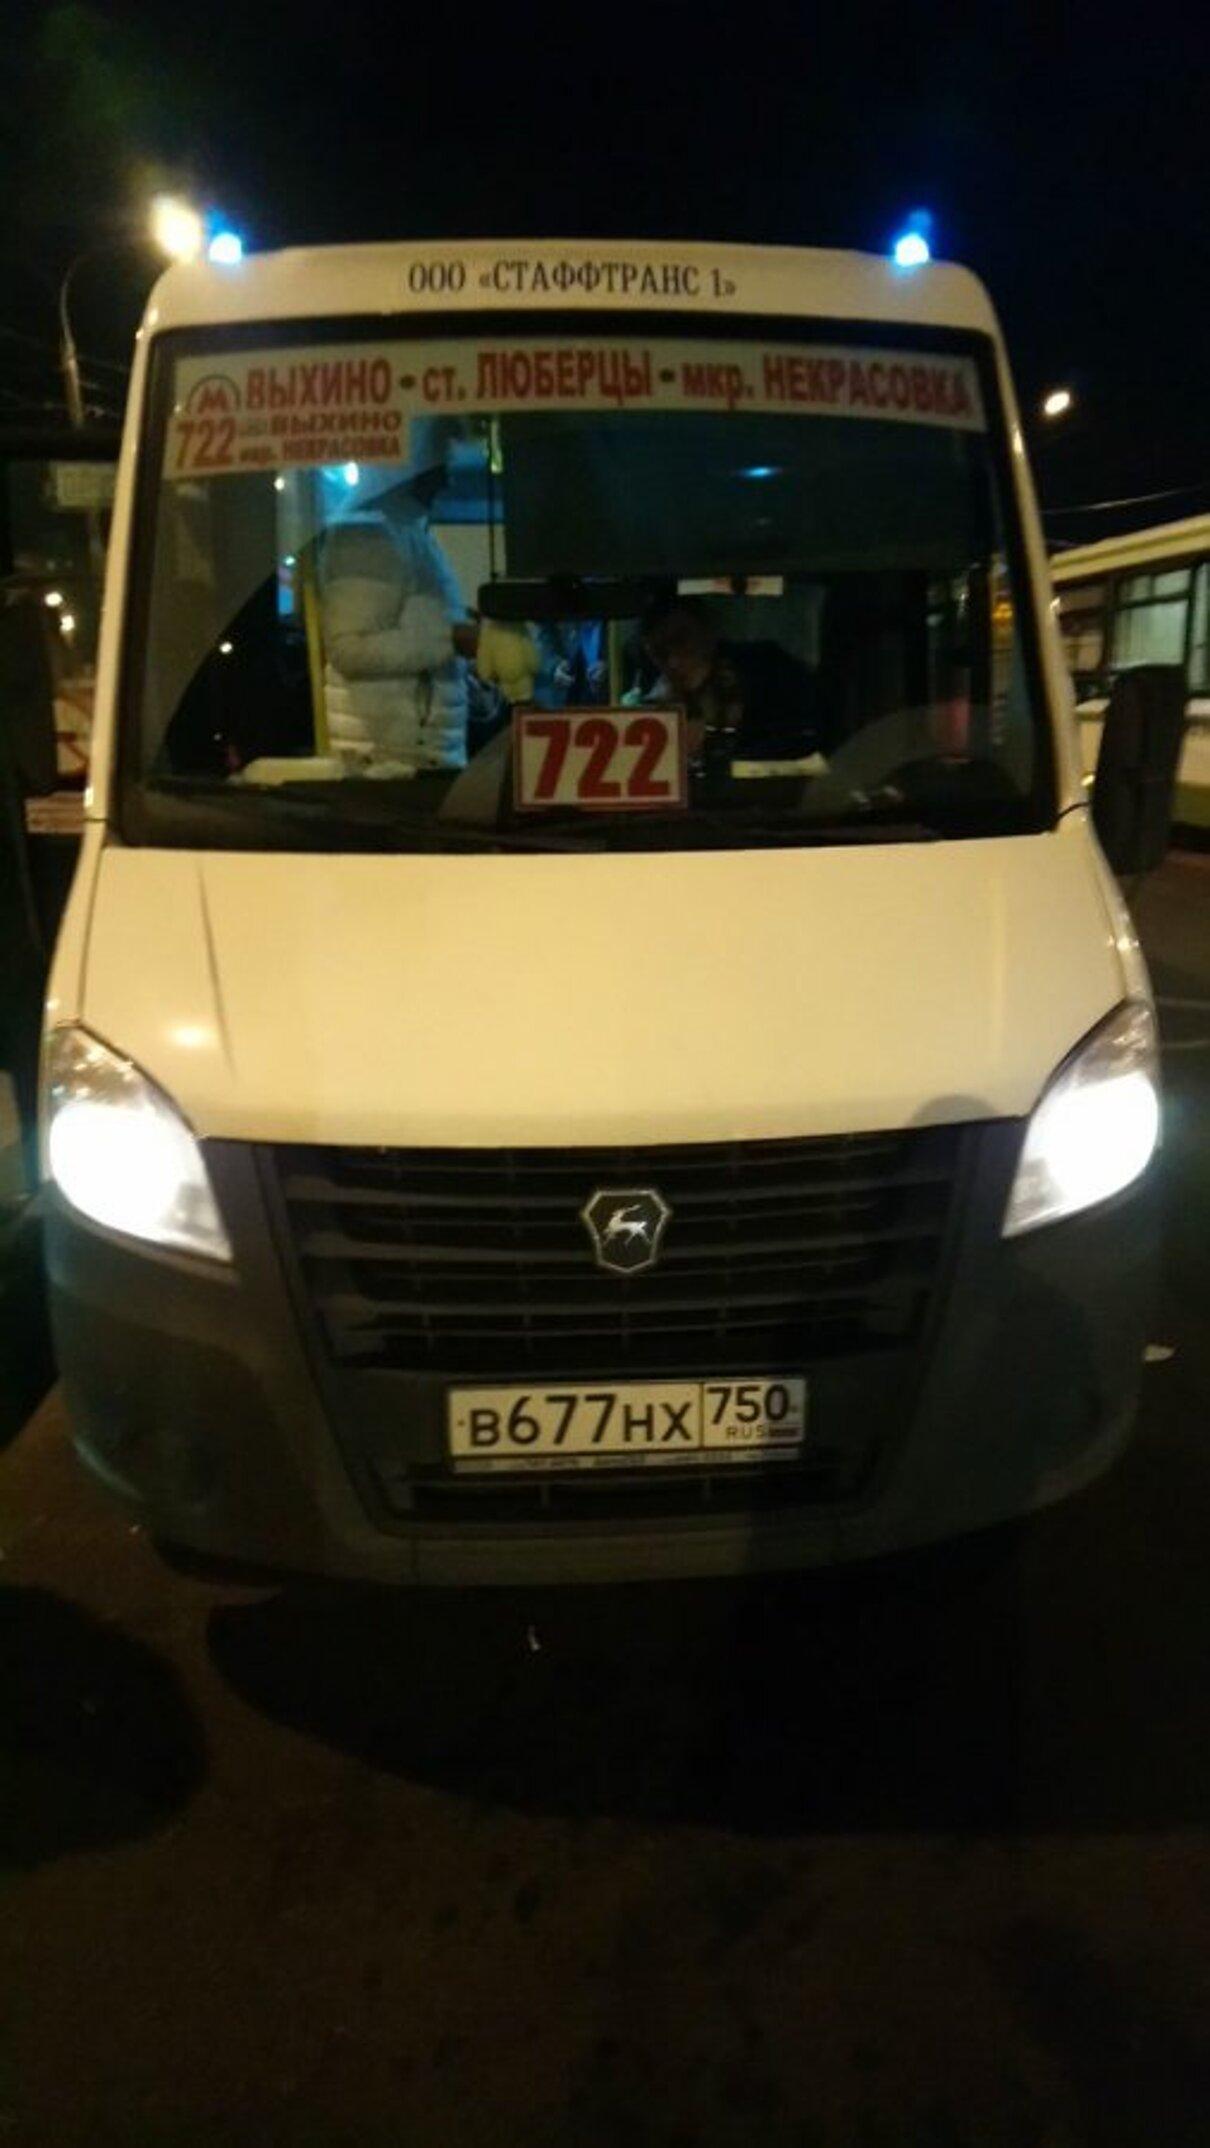 Жалоба-отзыв: Маршрутное такси №722 В677НХ750 - Маршрутное такси №722 В677НХ750